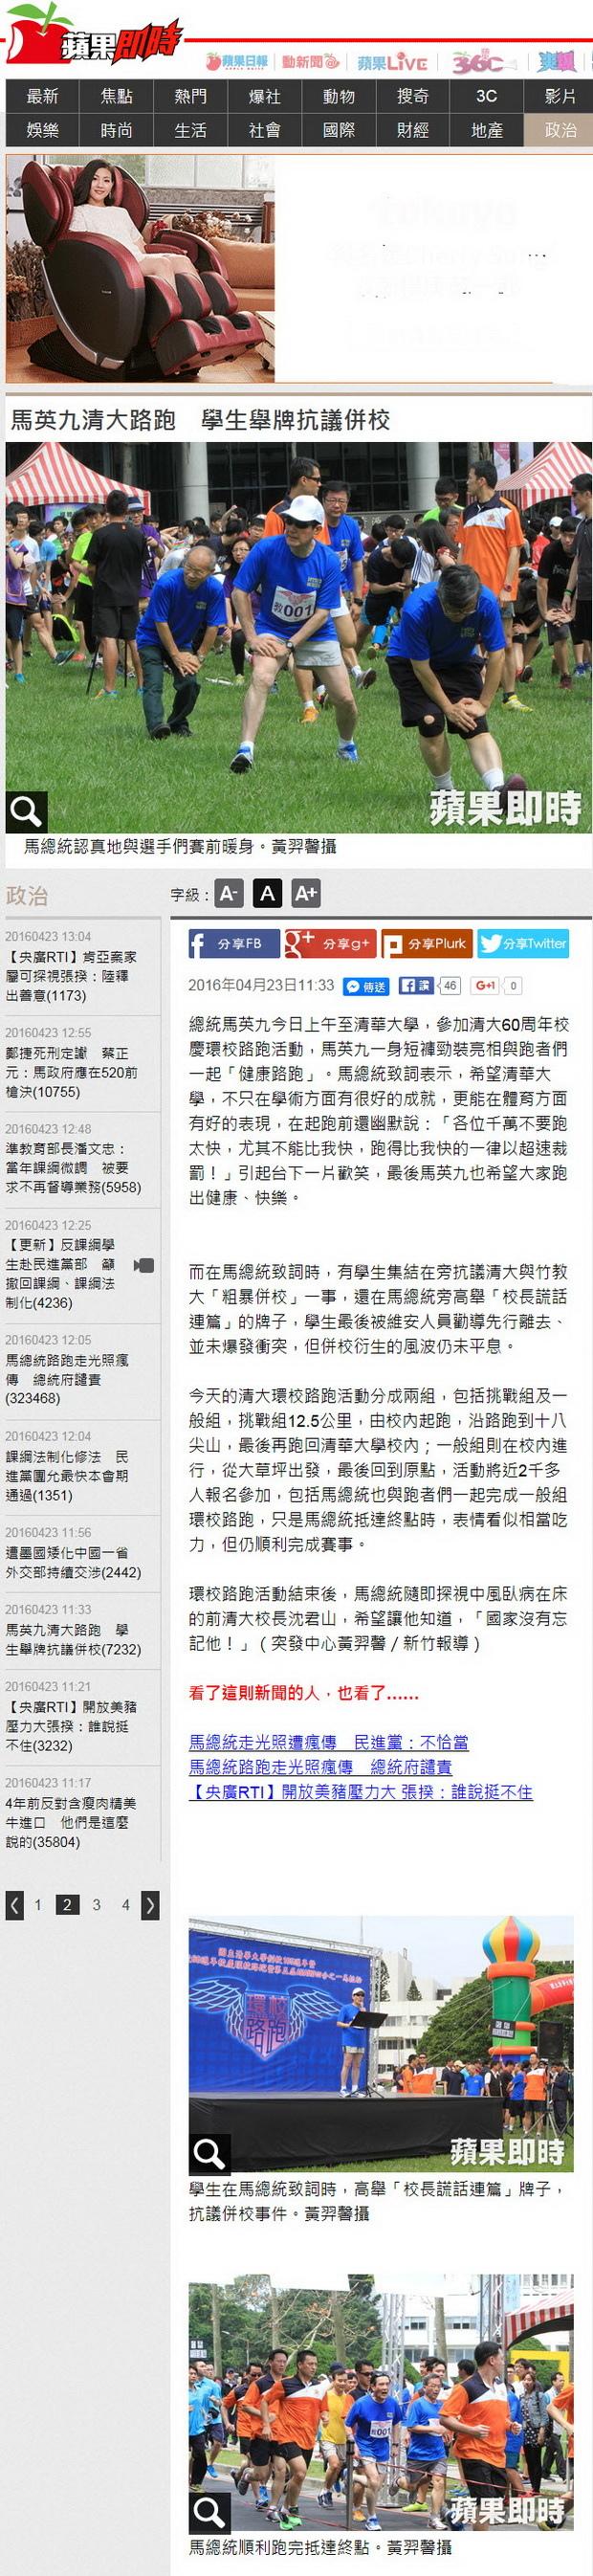 馬英九清大路跑 學生舉牌抗議併校-2016.04.23.jpg